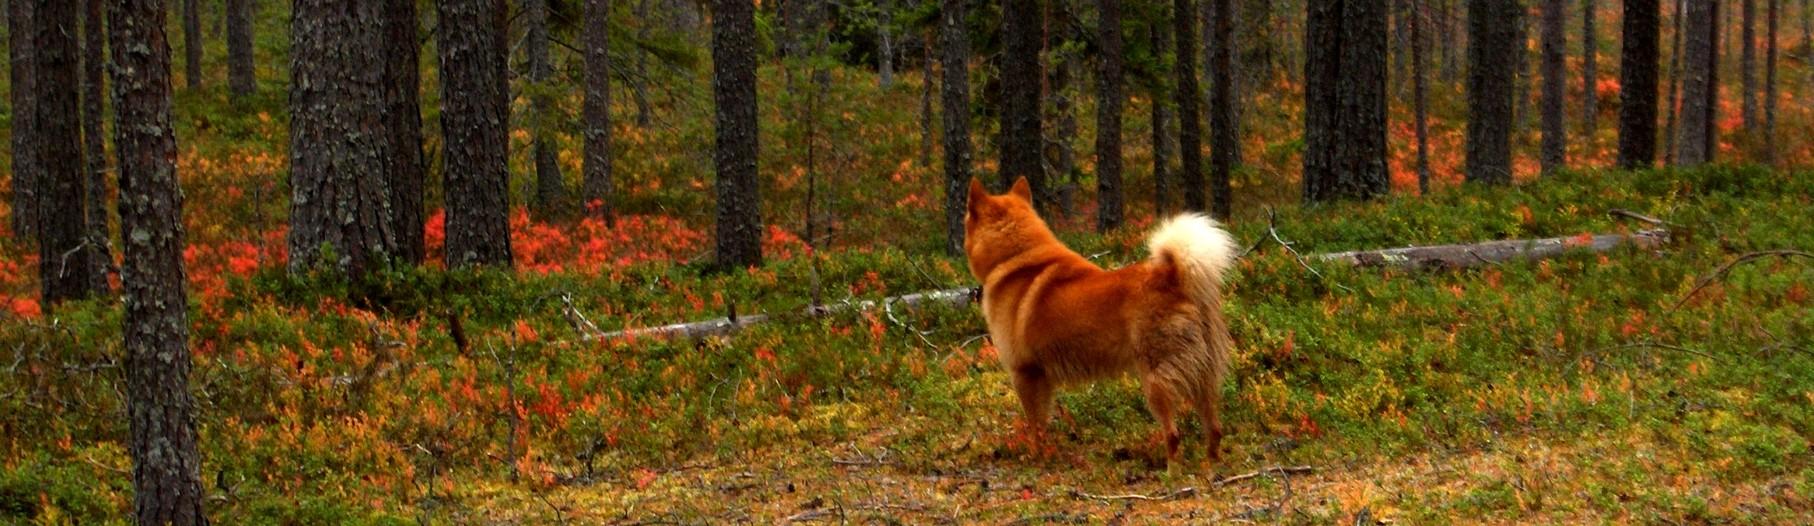 Suomen pystykorva Jalo syksyisessä metsässä ruskan keskellä.